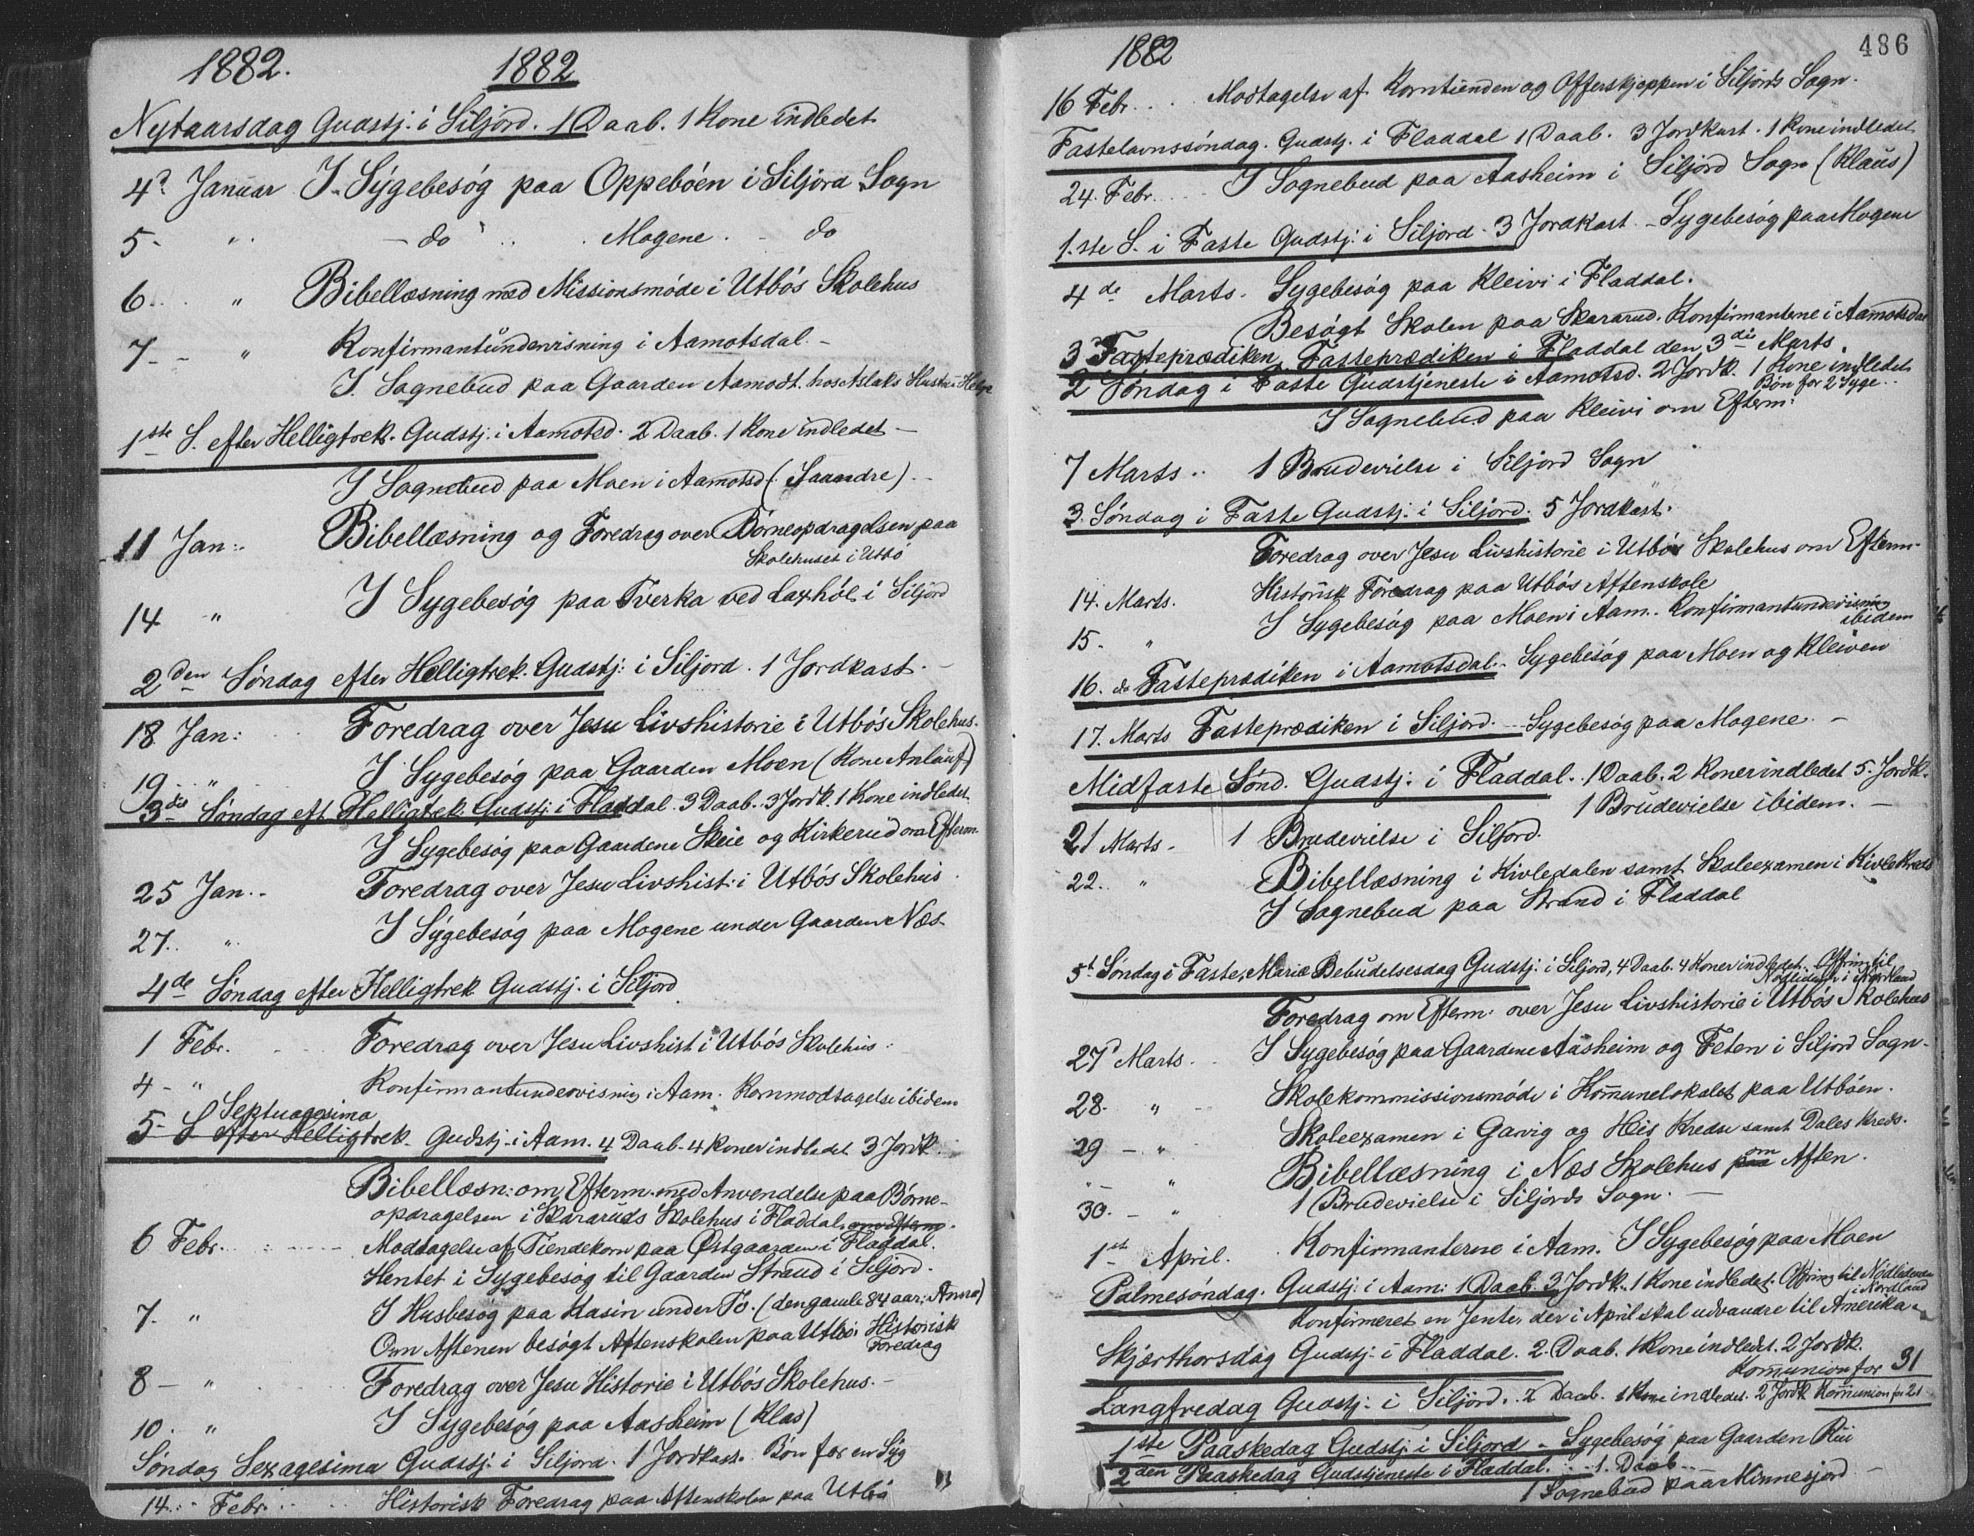 SAKO, Seljord kirkebøker, F/Fa/L0014: Ministerialbok nr. I 14, 1877-1886, s. 486